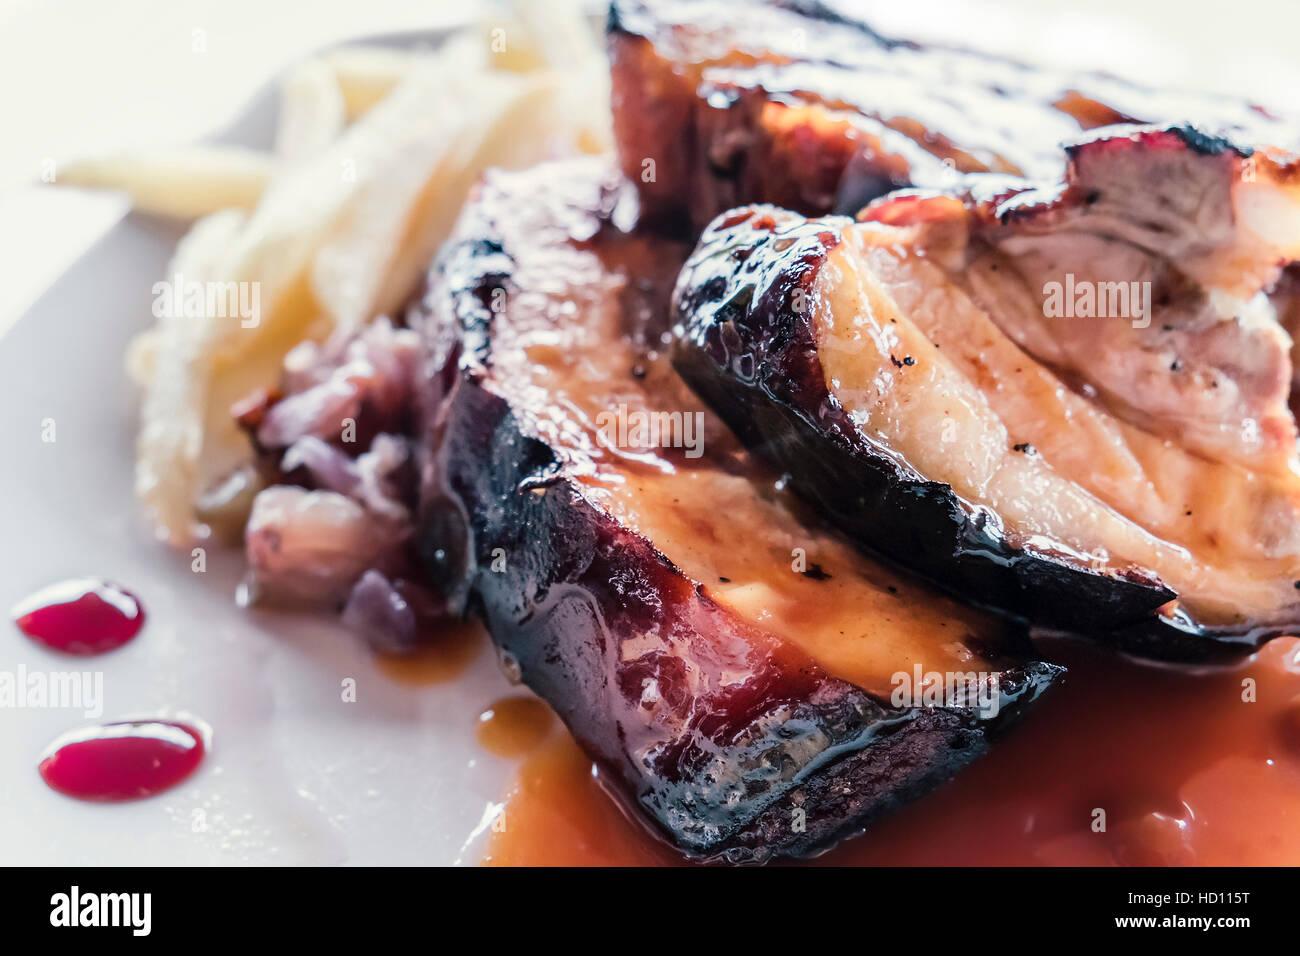 Spanisch Spareribs, entbeint und mit roten Honig Dip und Pommes frites als Beilage serviert. Stockbild